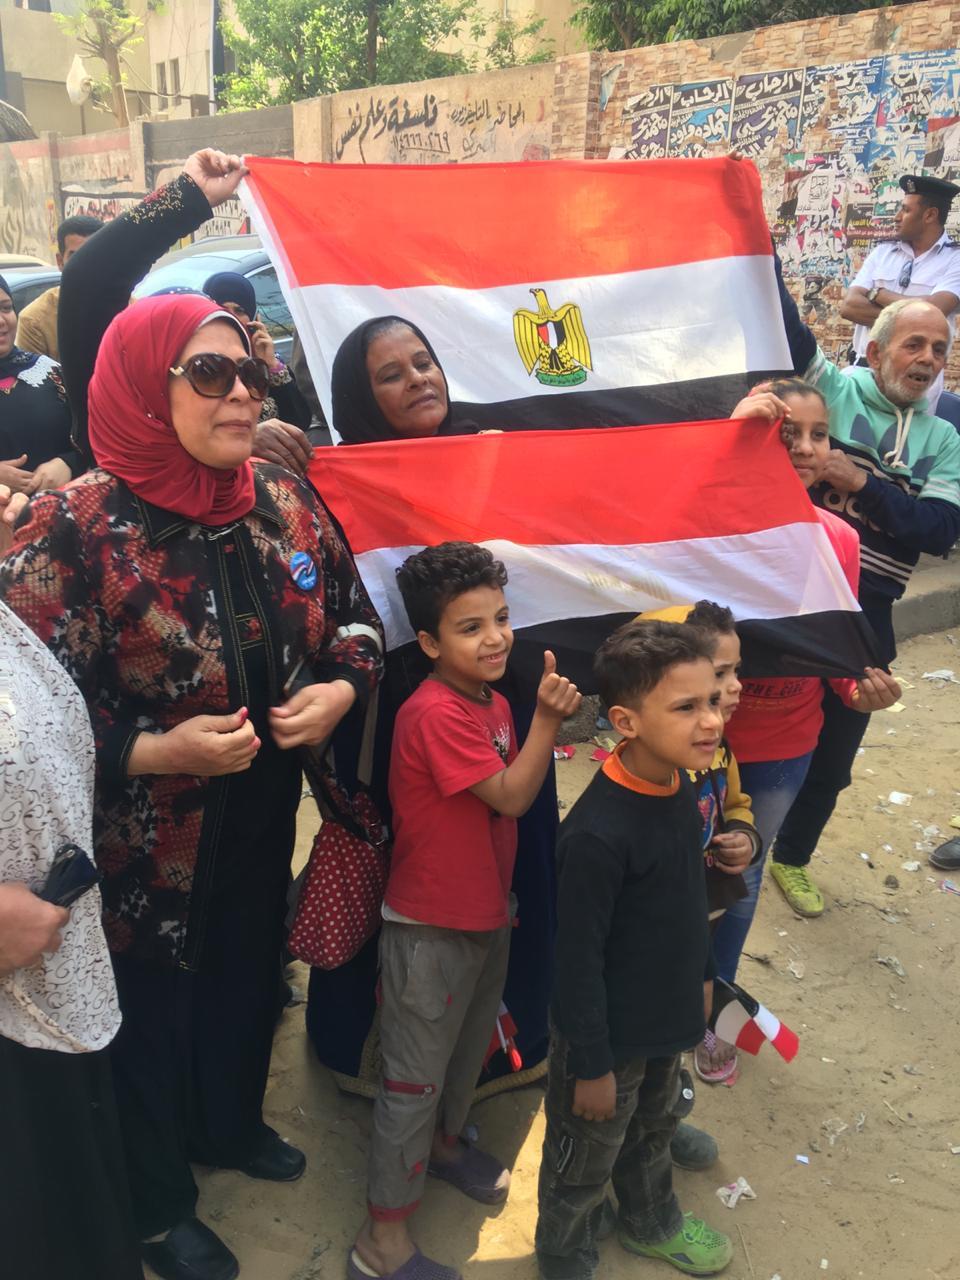 المصريون يدحضون أكاذيب الإرهابية (2)